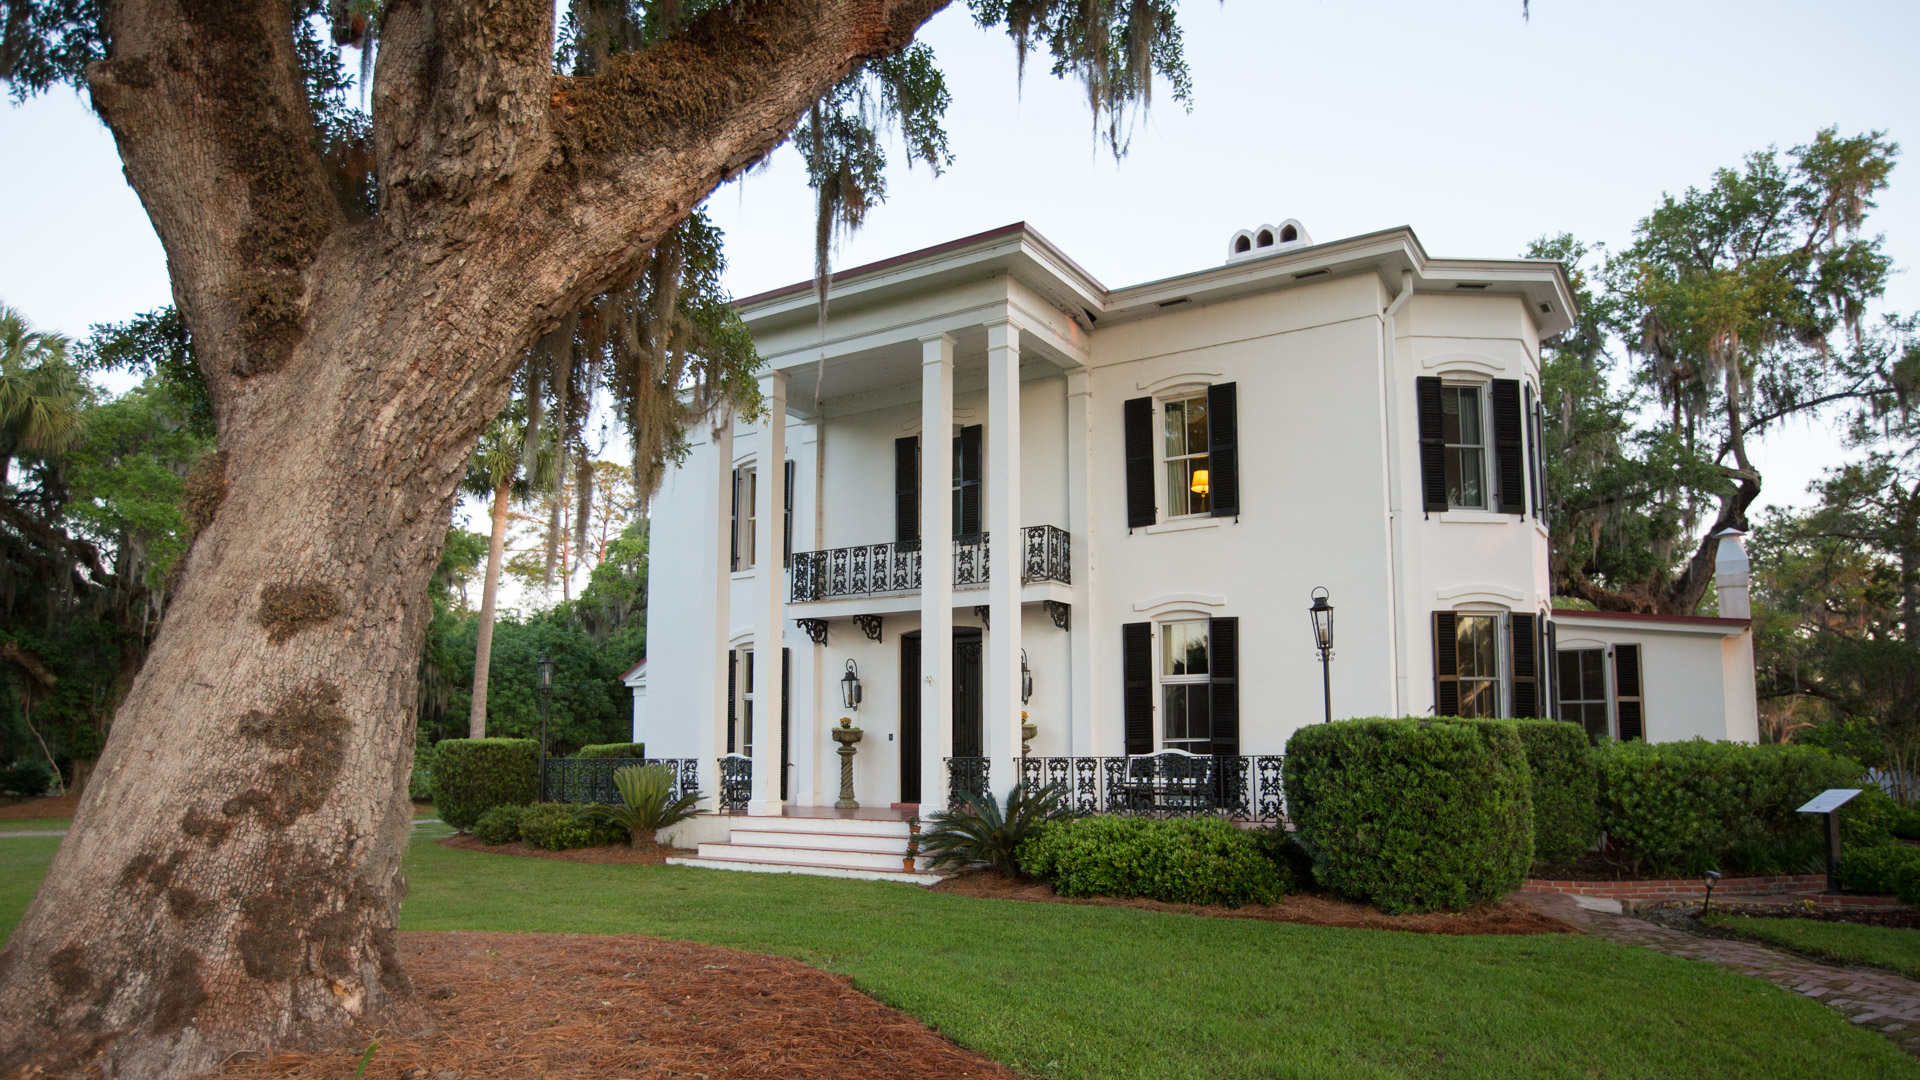 The Elliott House